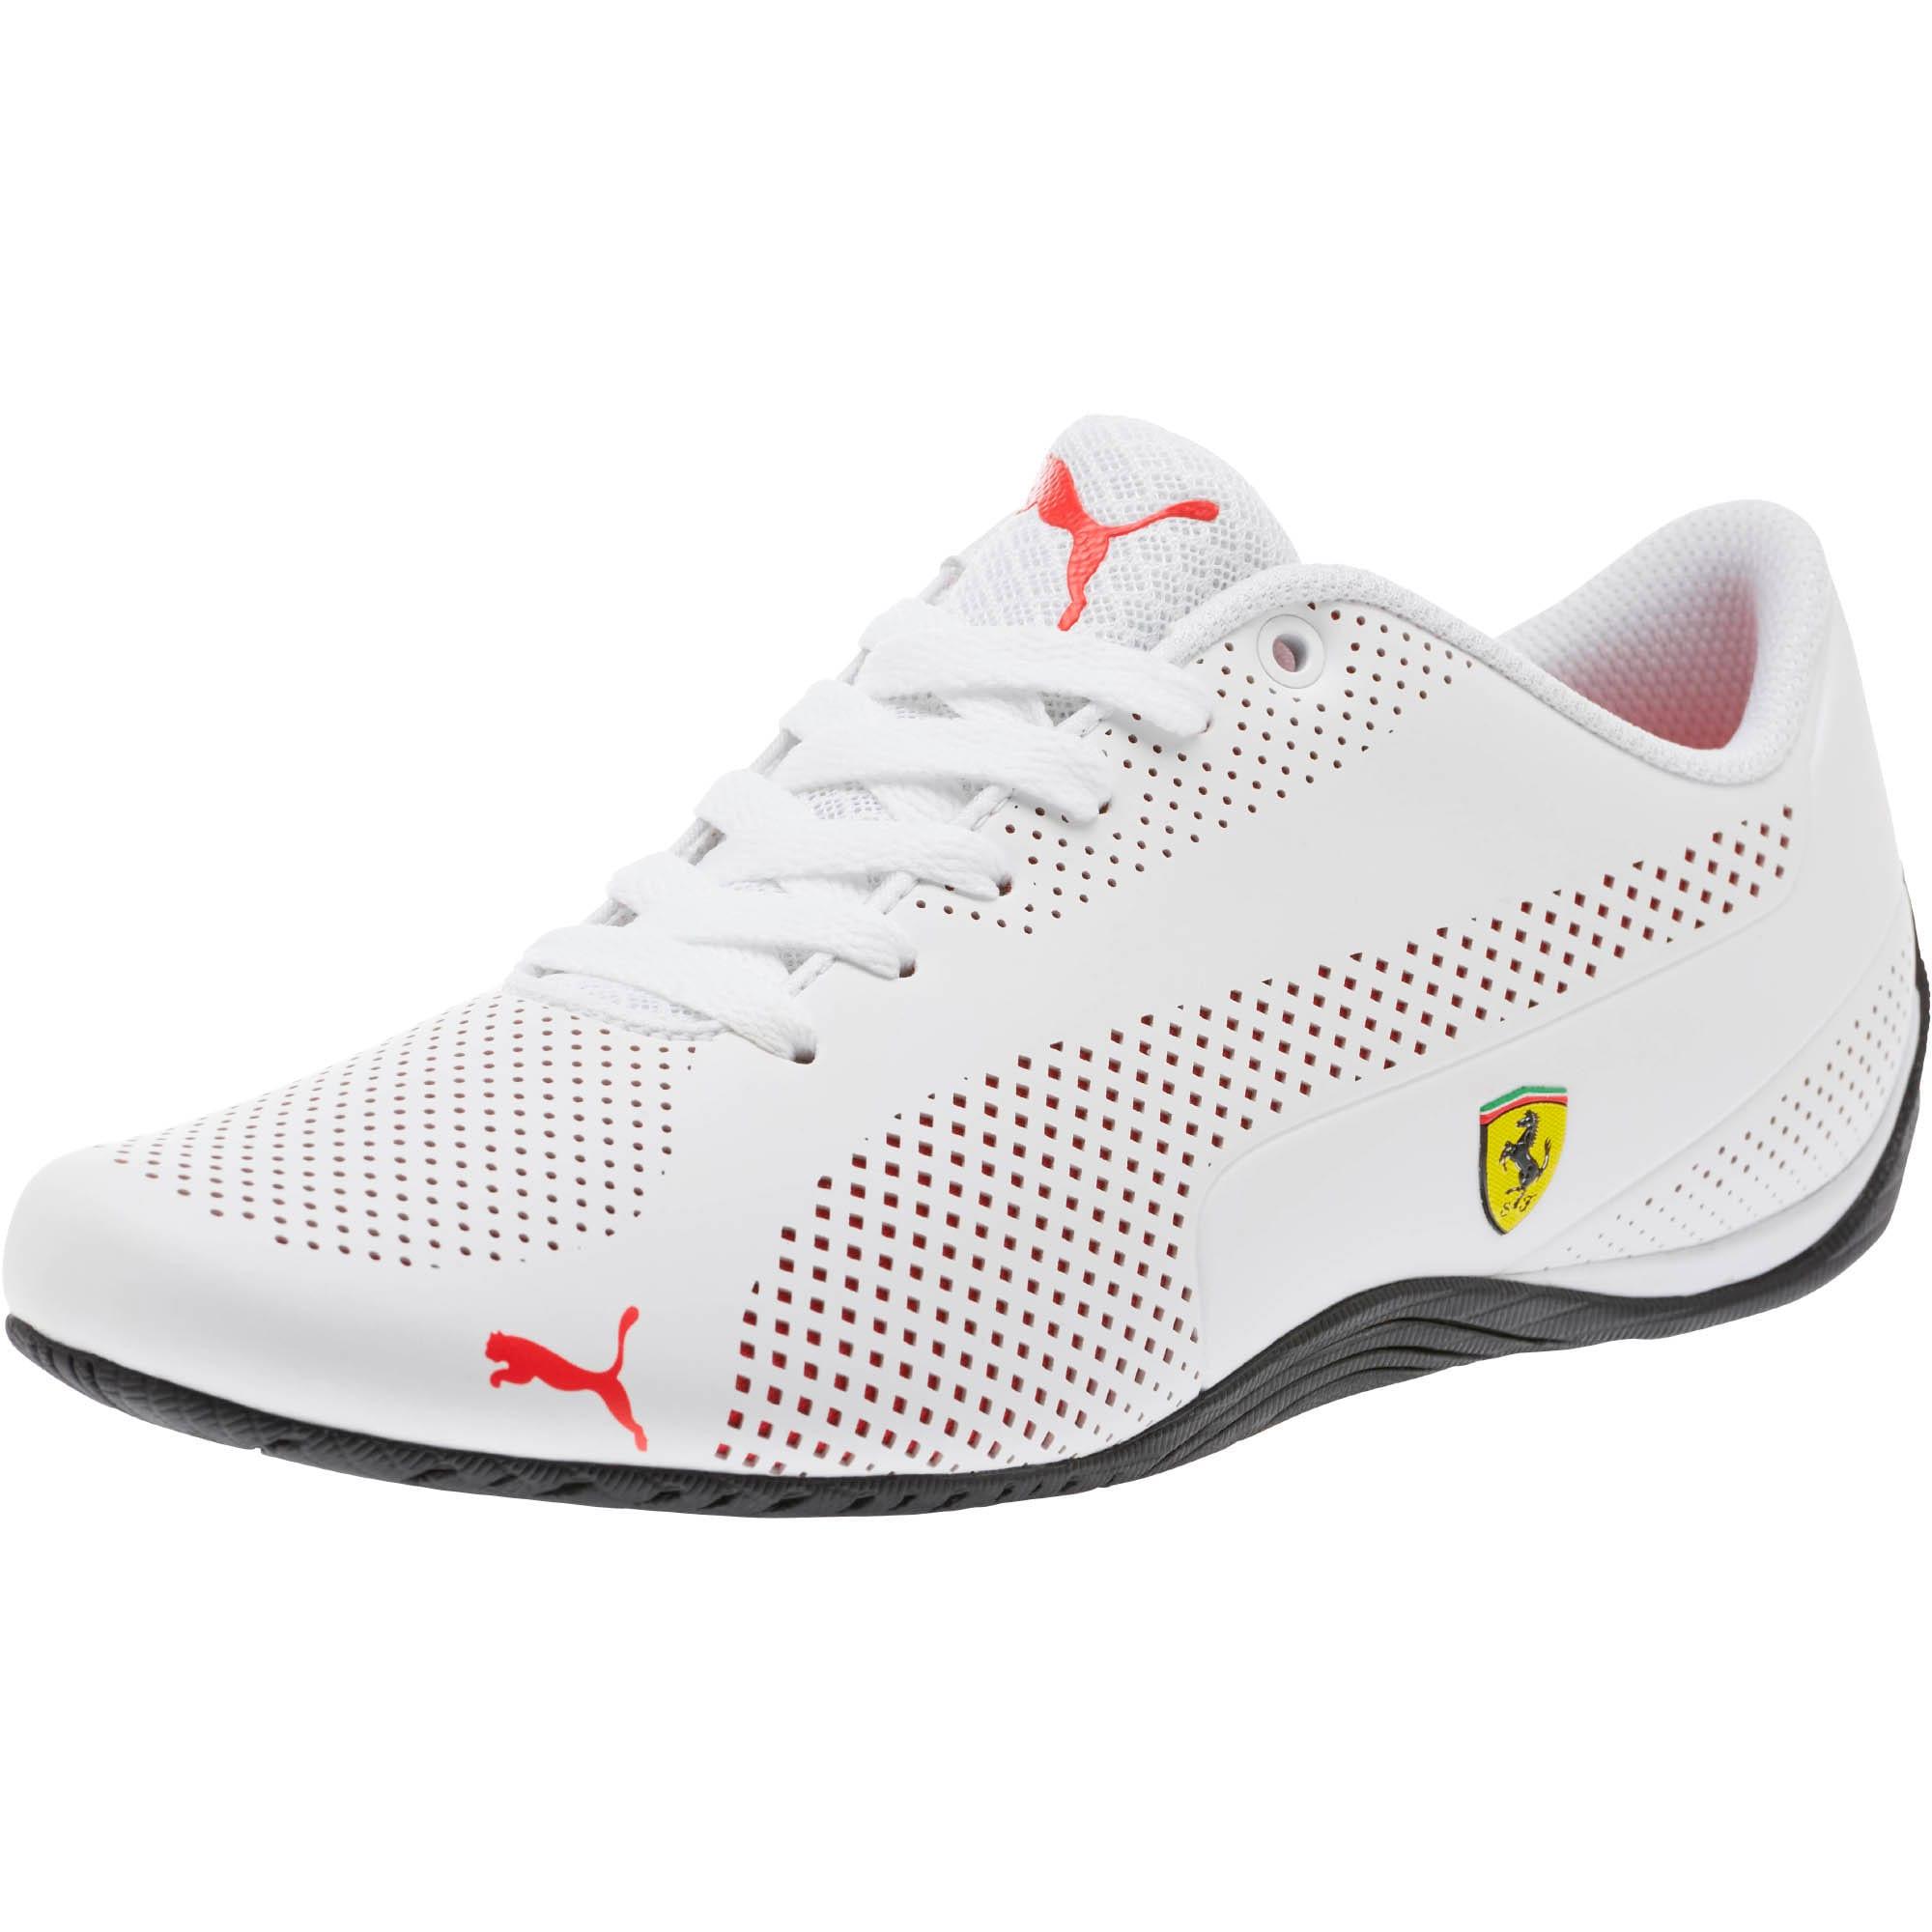 puma shoes shop online, Puma Drift Cat 5 Ultra Scuderia